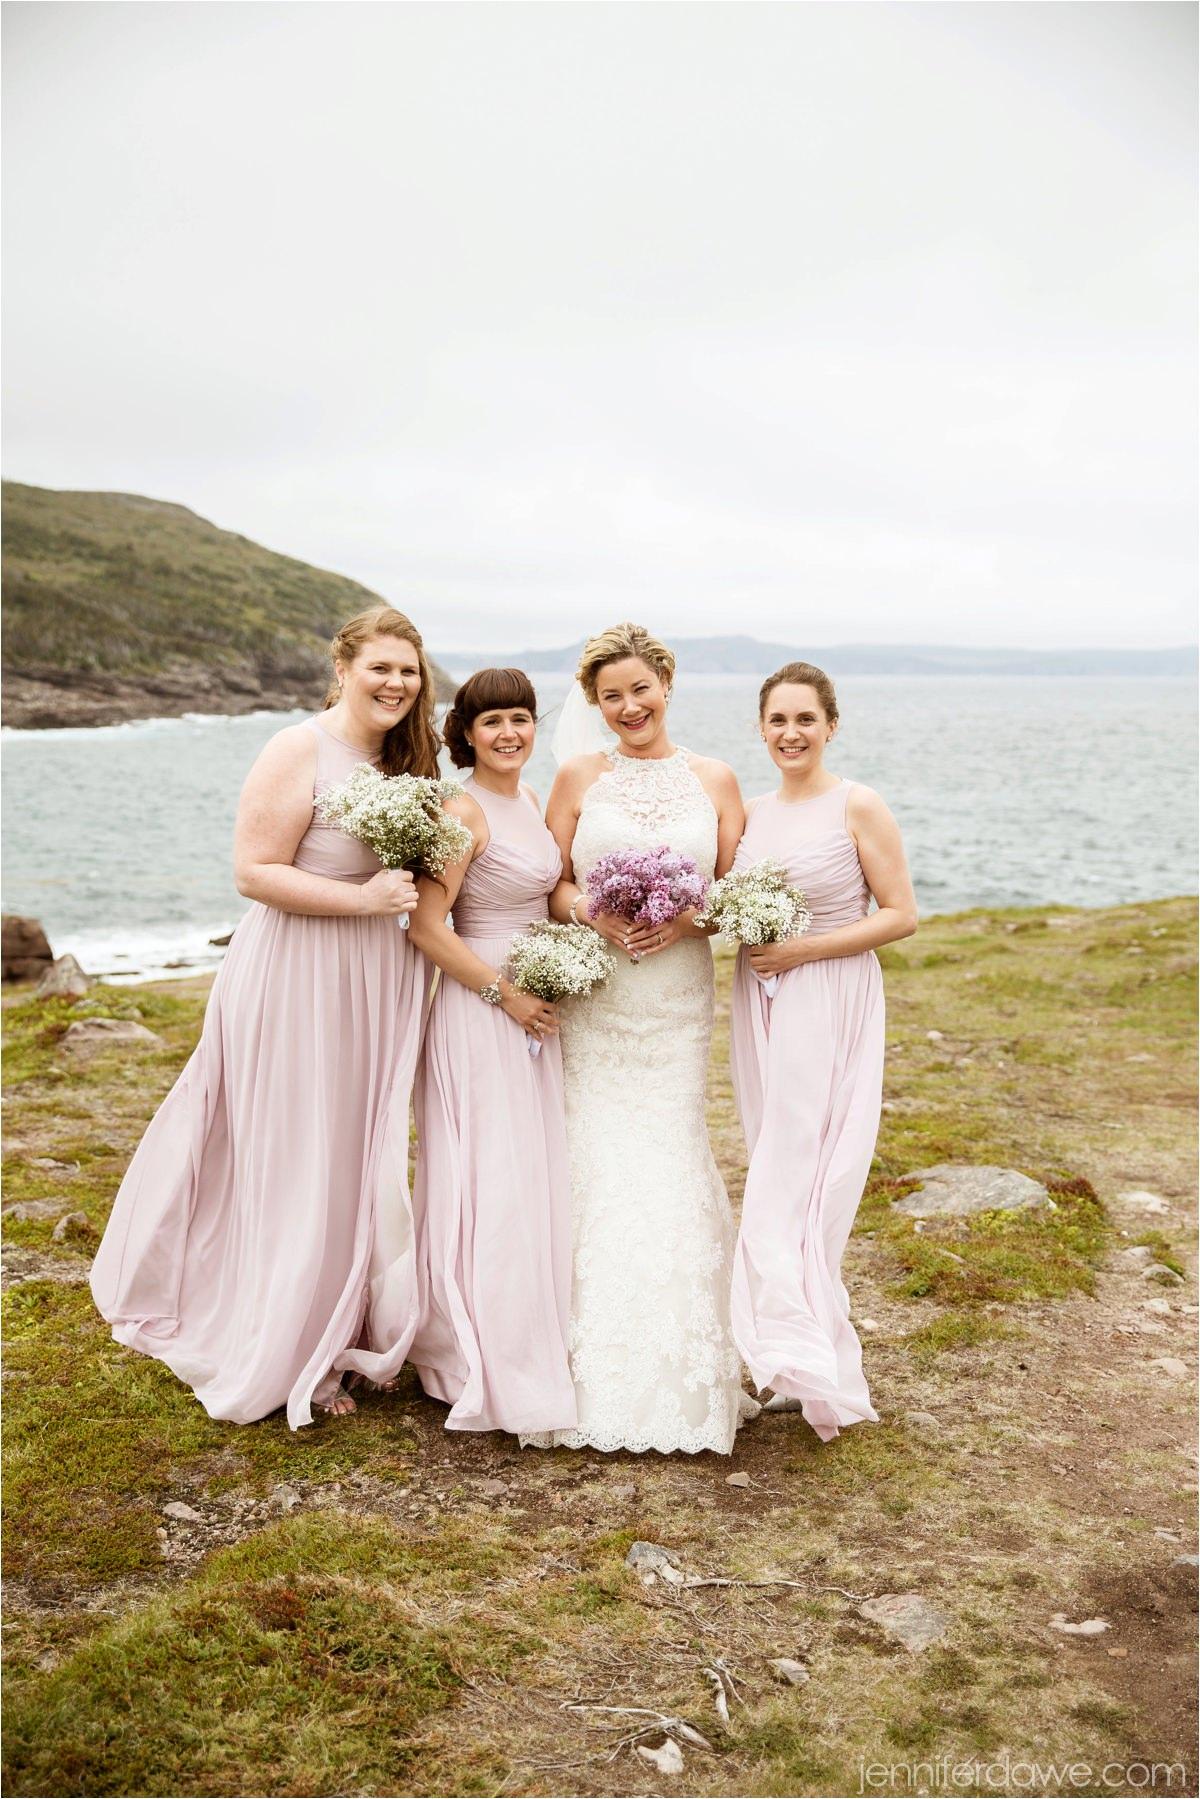 St John's Newfoundland Wedding Photographers Woodstock Wedding Best Newfoundland Wedding Photographer Jennifer Dawe Photography25